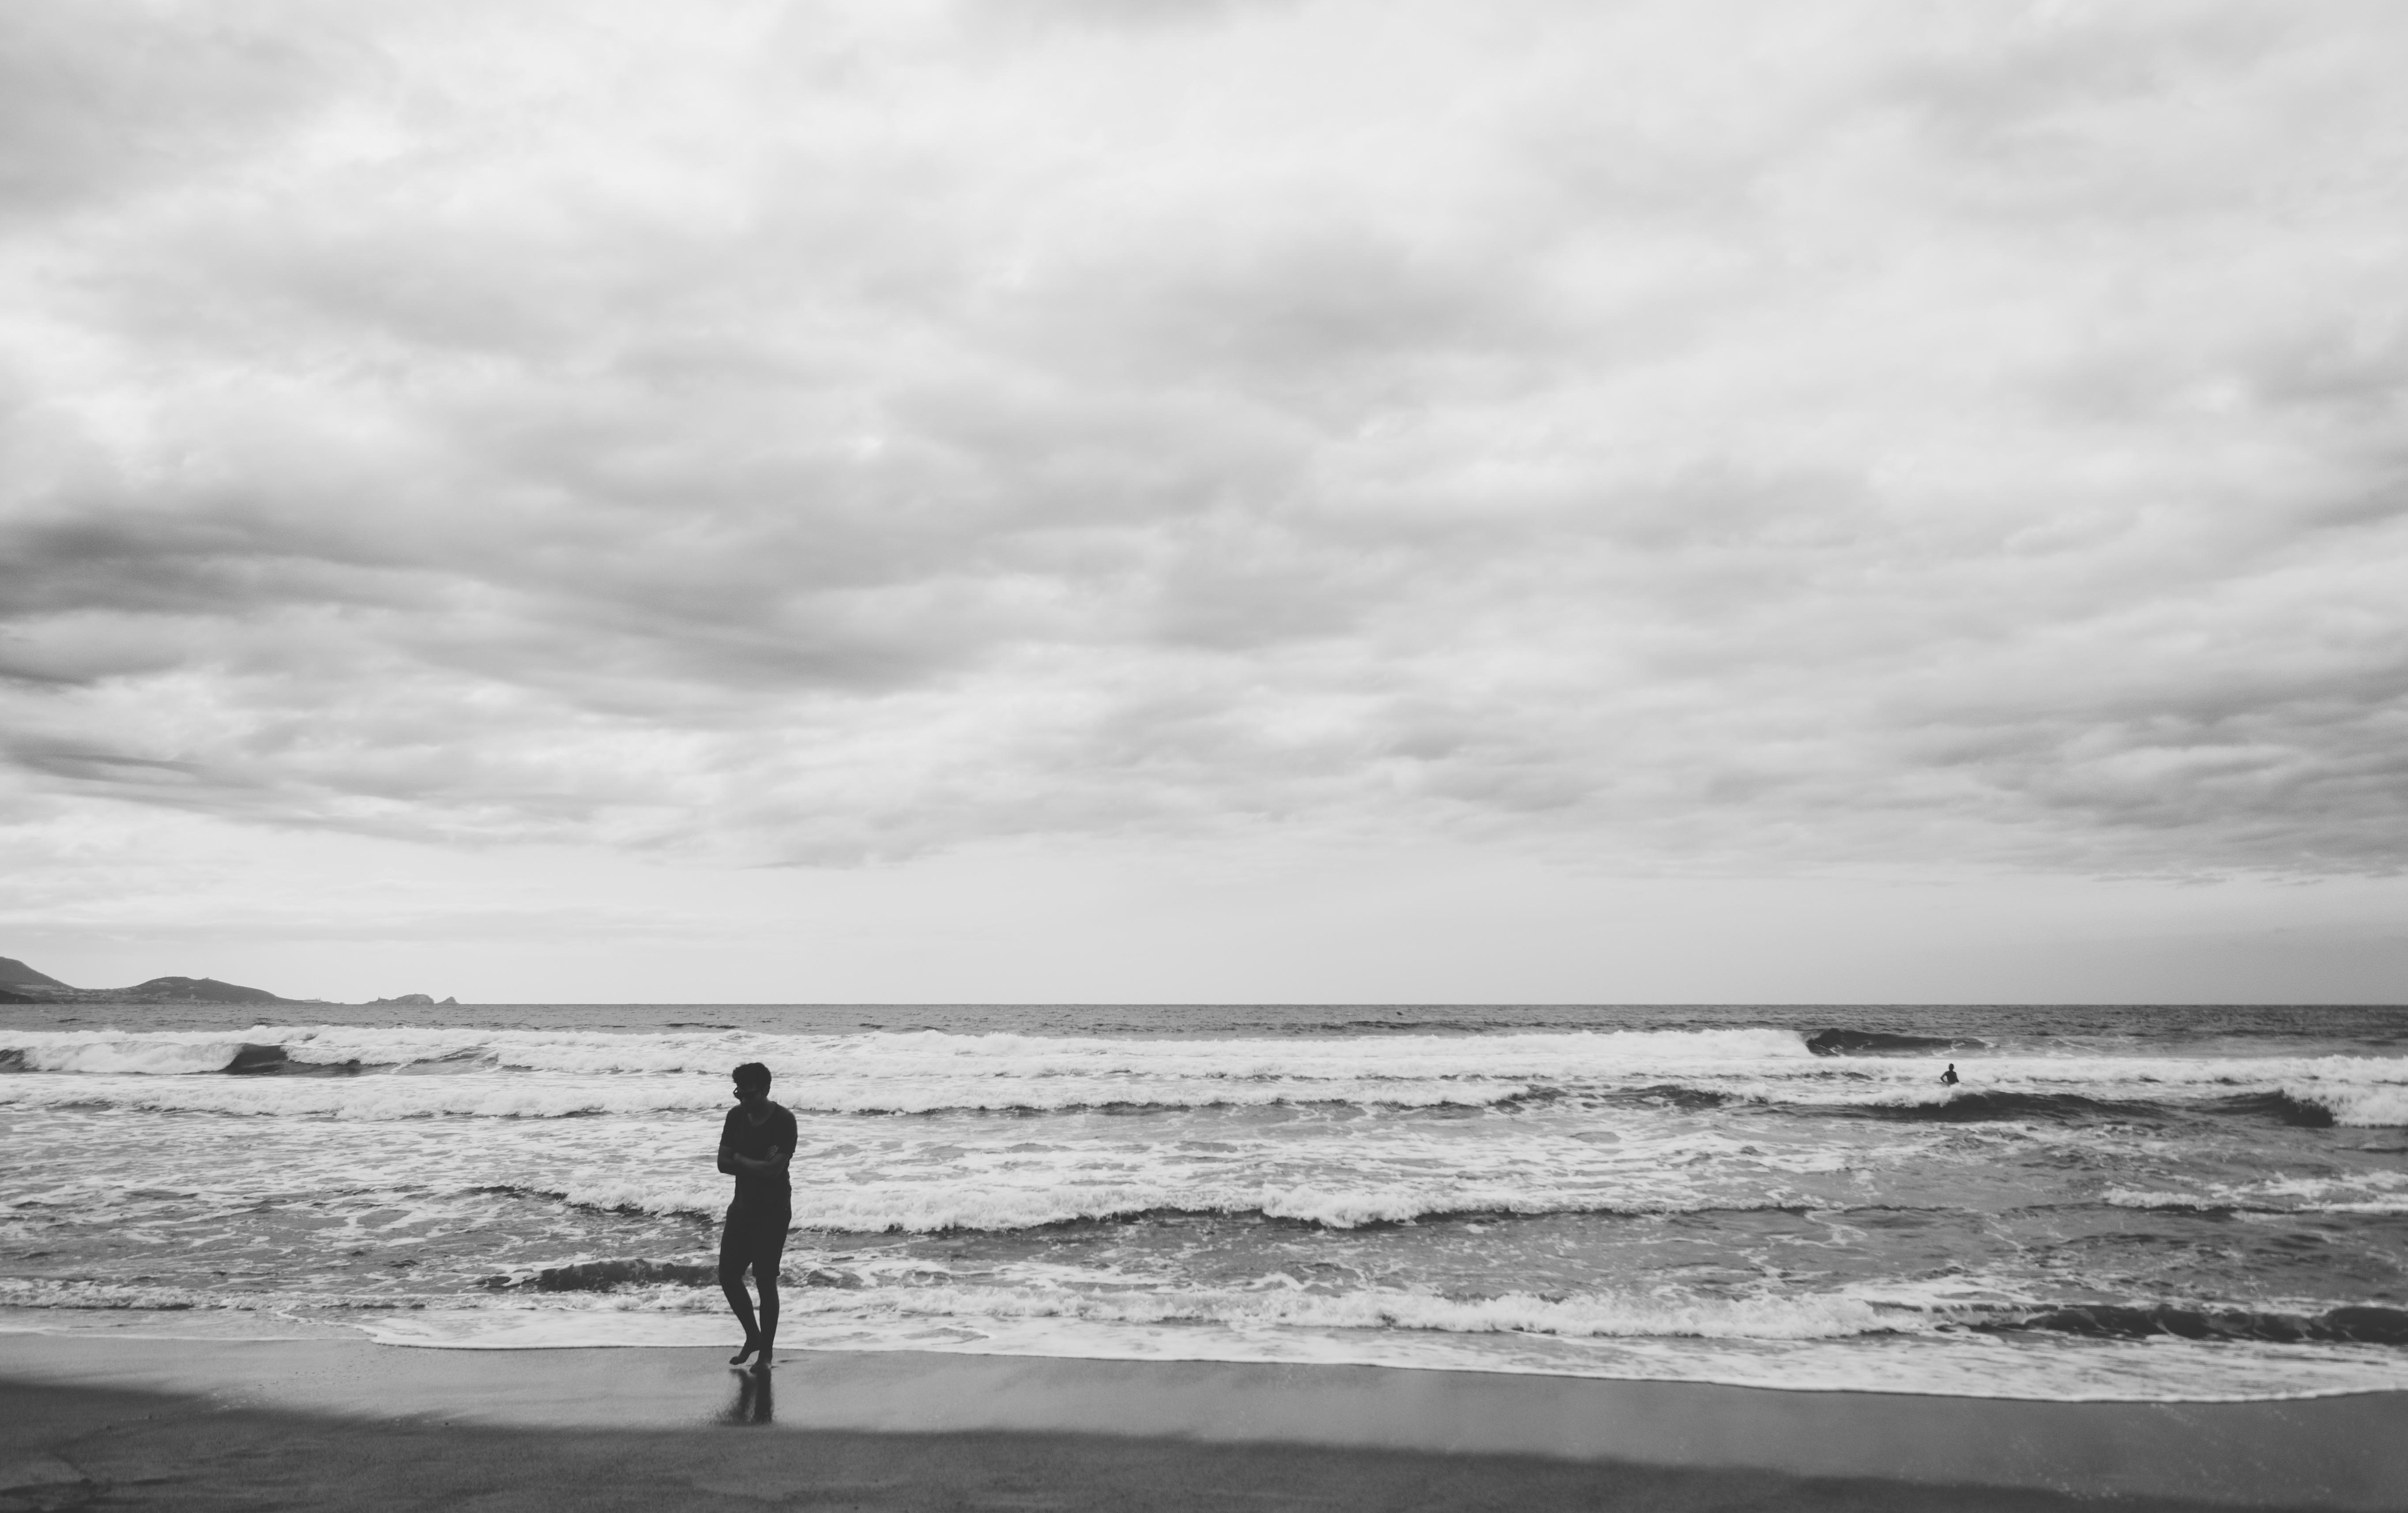 110236壁紙のダウンロード自然, 海, 孤独, 寂しさ, Bw, Chb, サーフ, コルシカ島, フランス, 波-スクリーンセーバーと写真を無料で